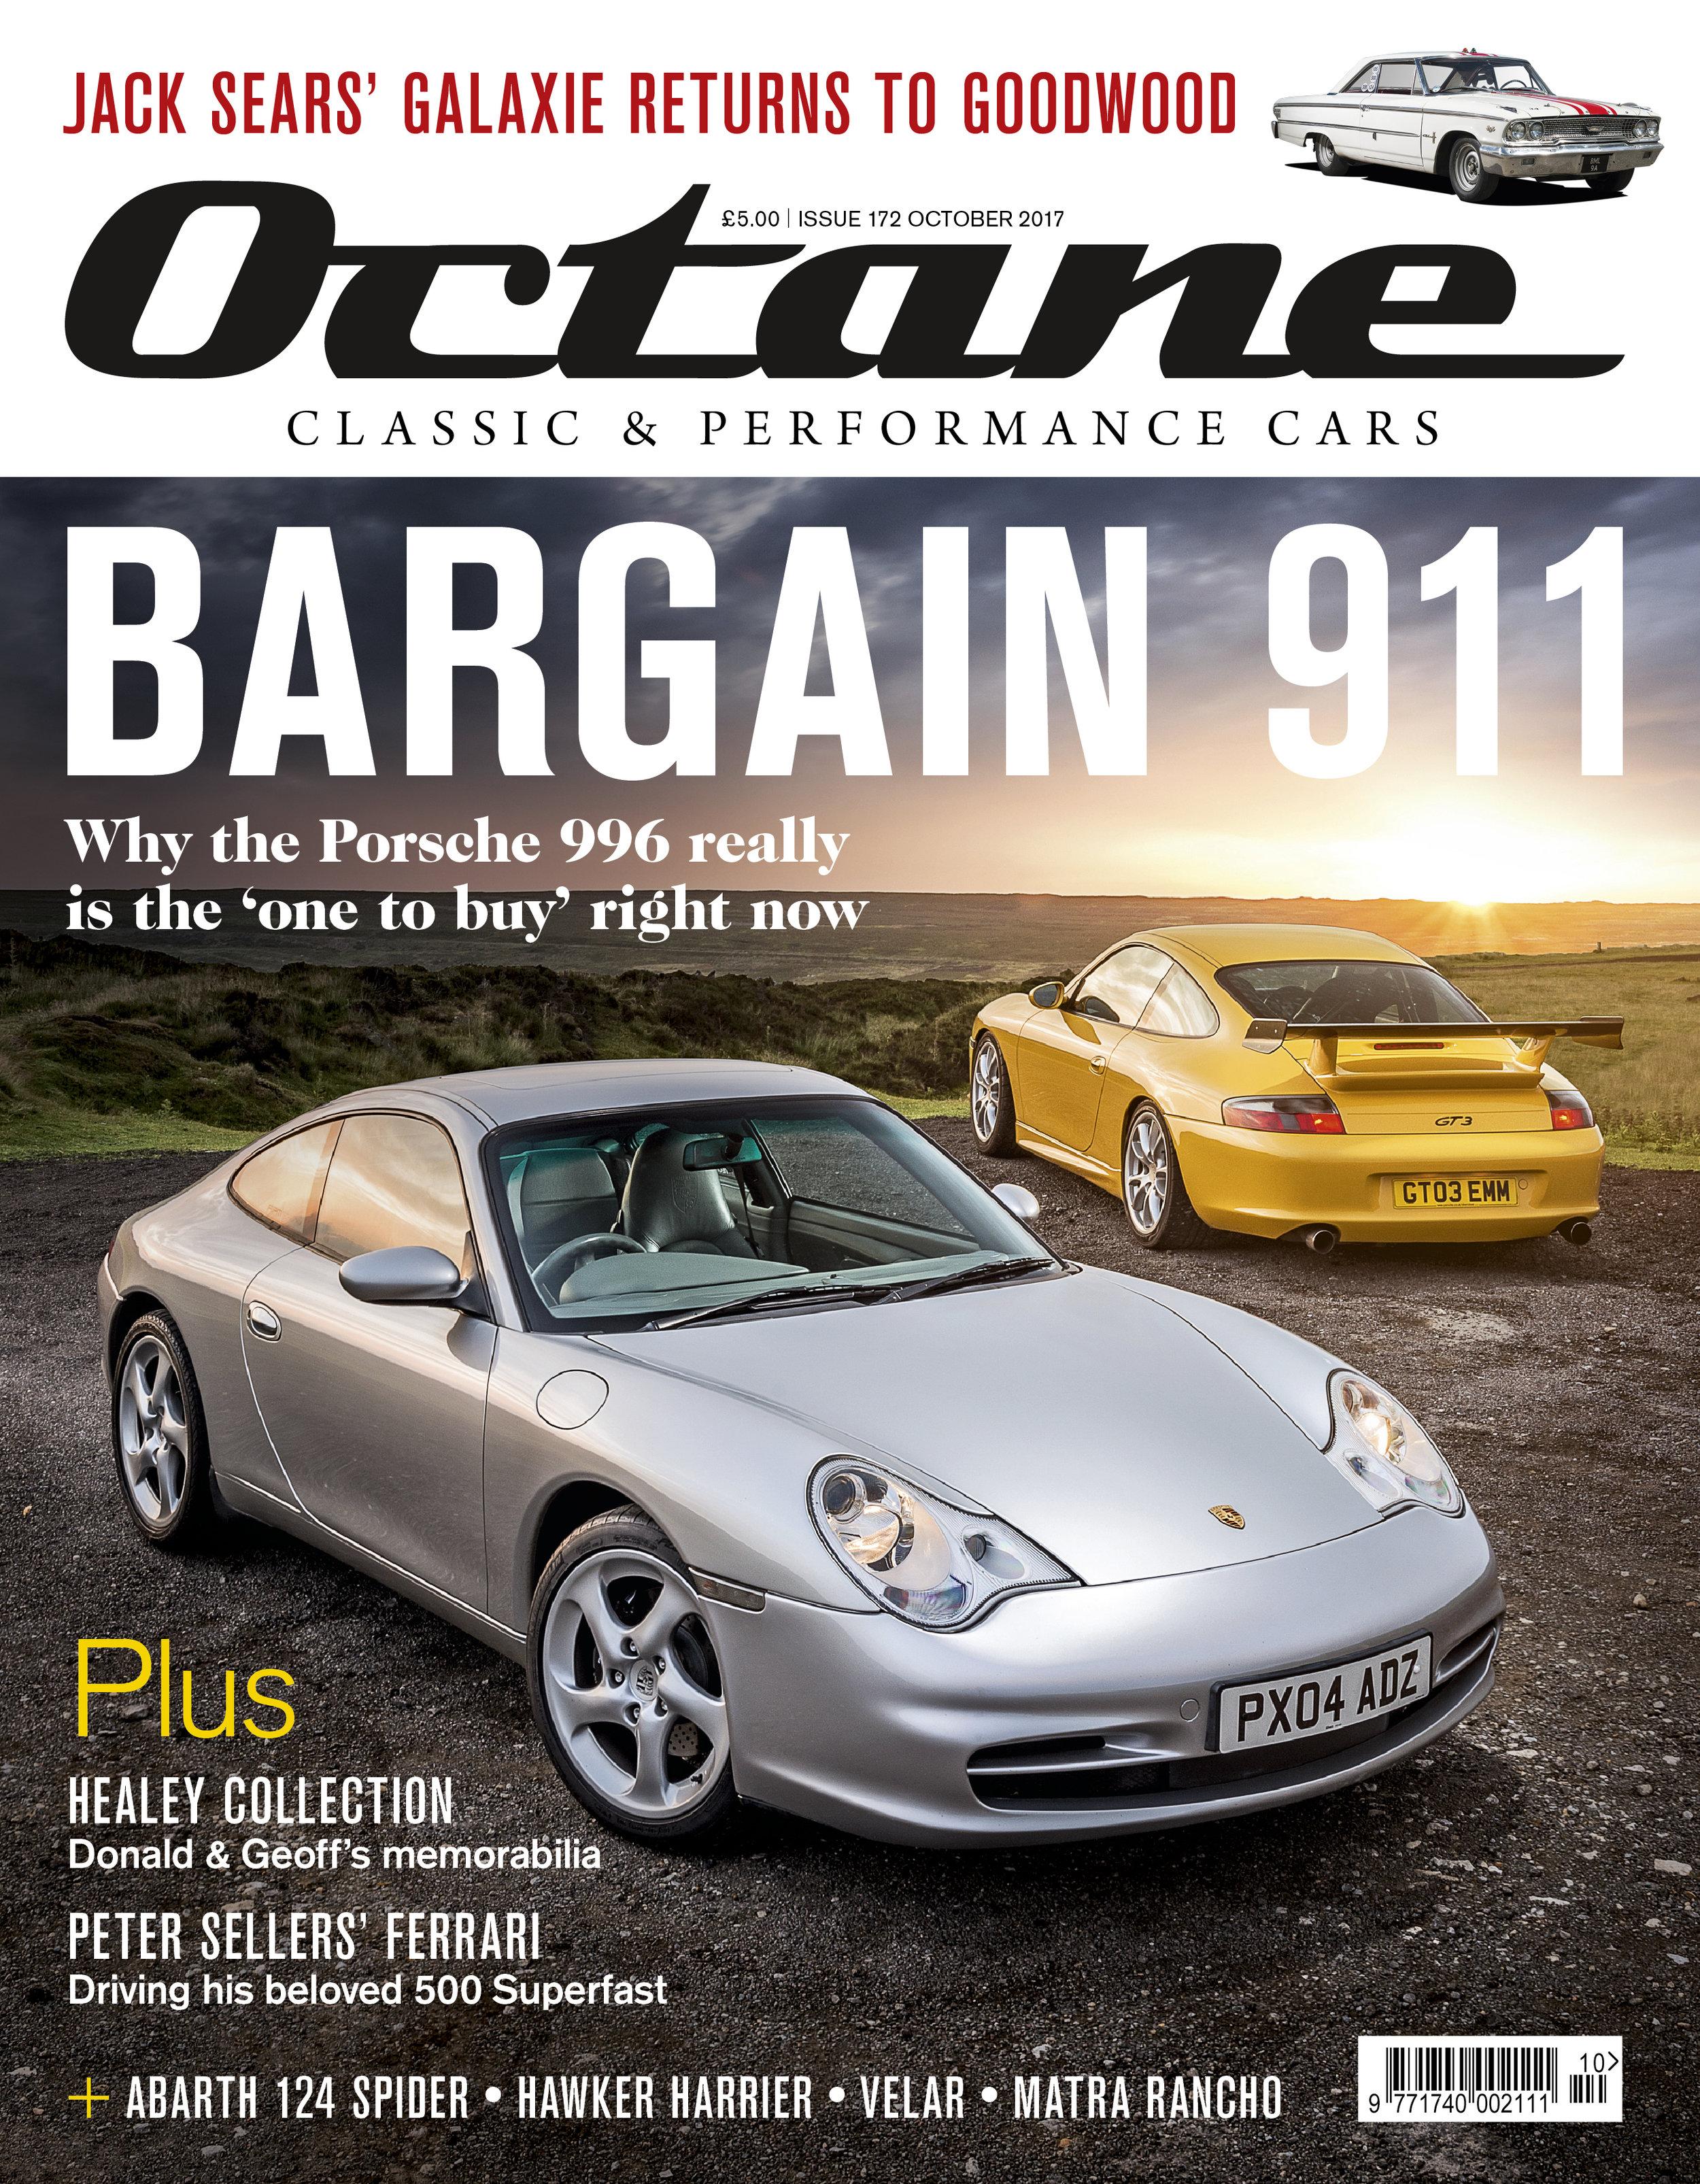 Octane Cover 172 alt.jpg